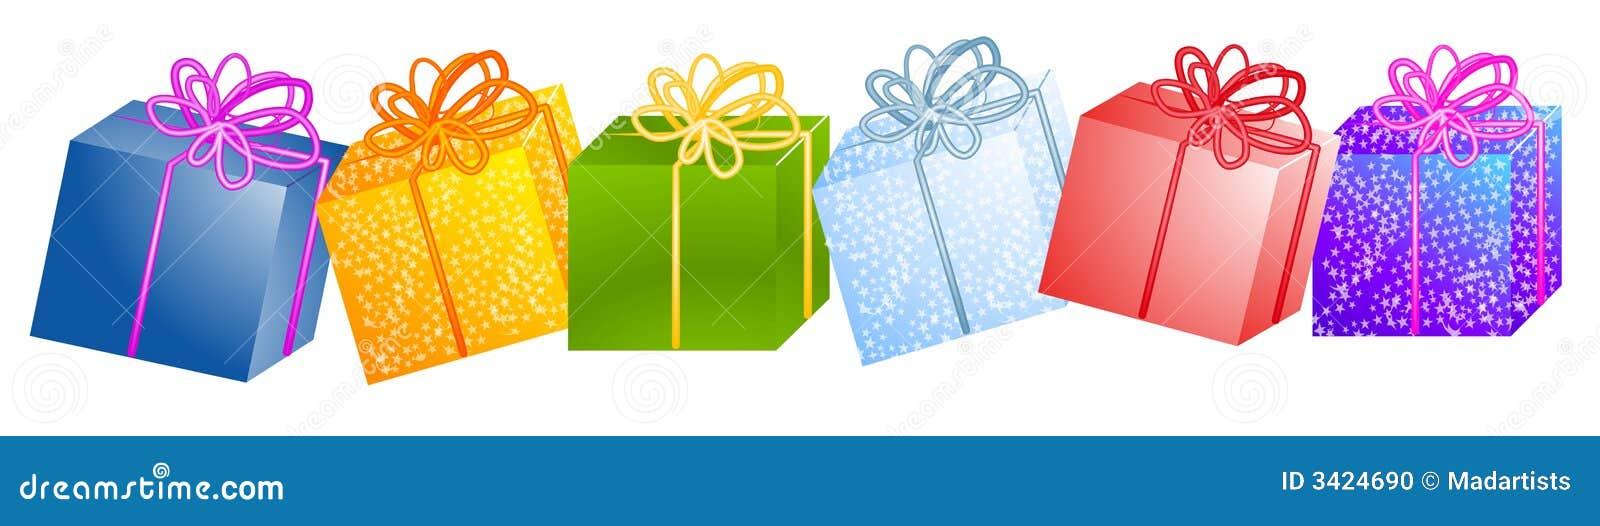 Weihnachtsgeschenke Clipart.Reihe Der Weihnachtsgeschenke Clipart Stock Abbildung Illustration